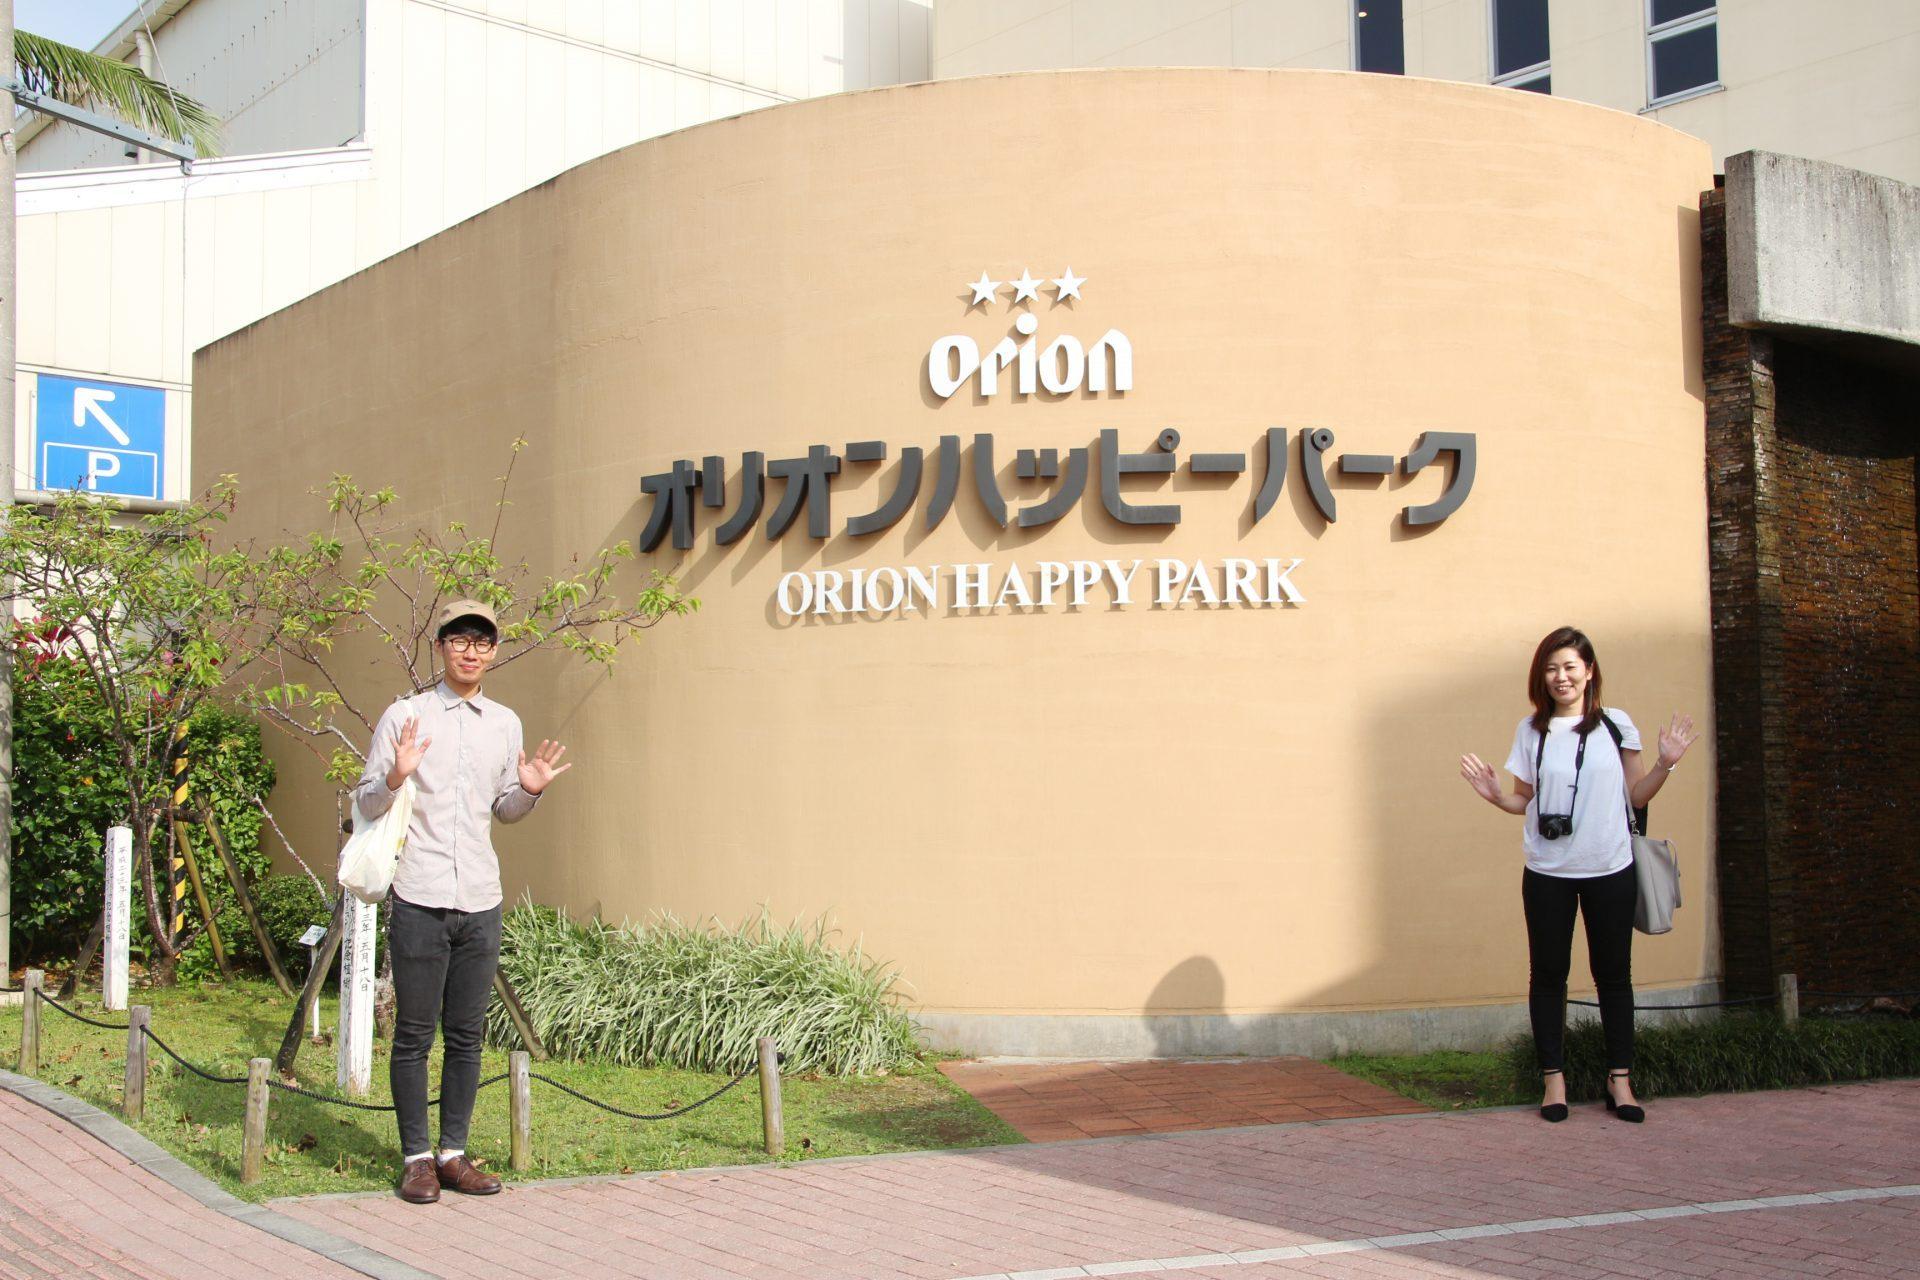 沖縄 観光 名所 オリオンハッピーパーク 名護市